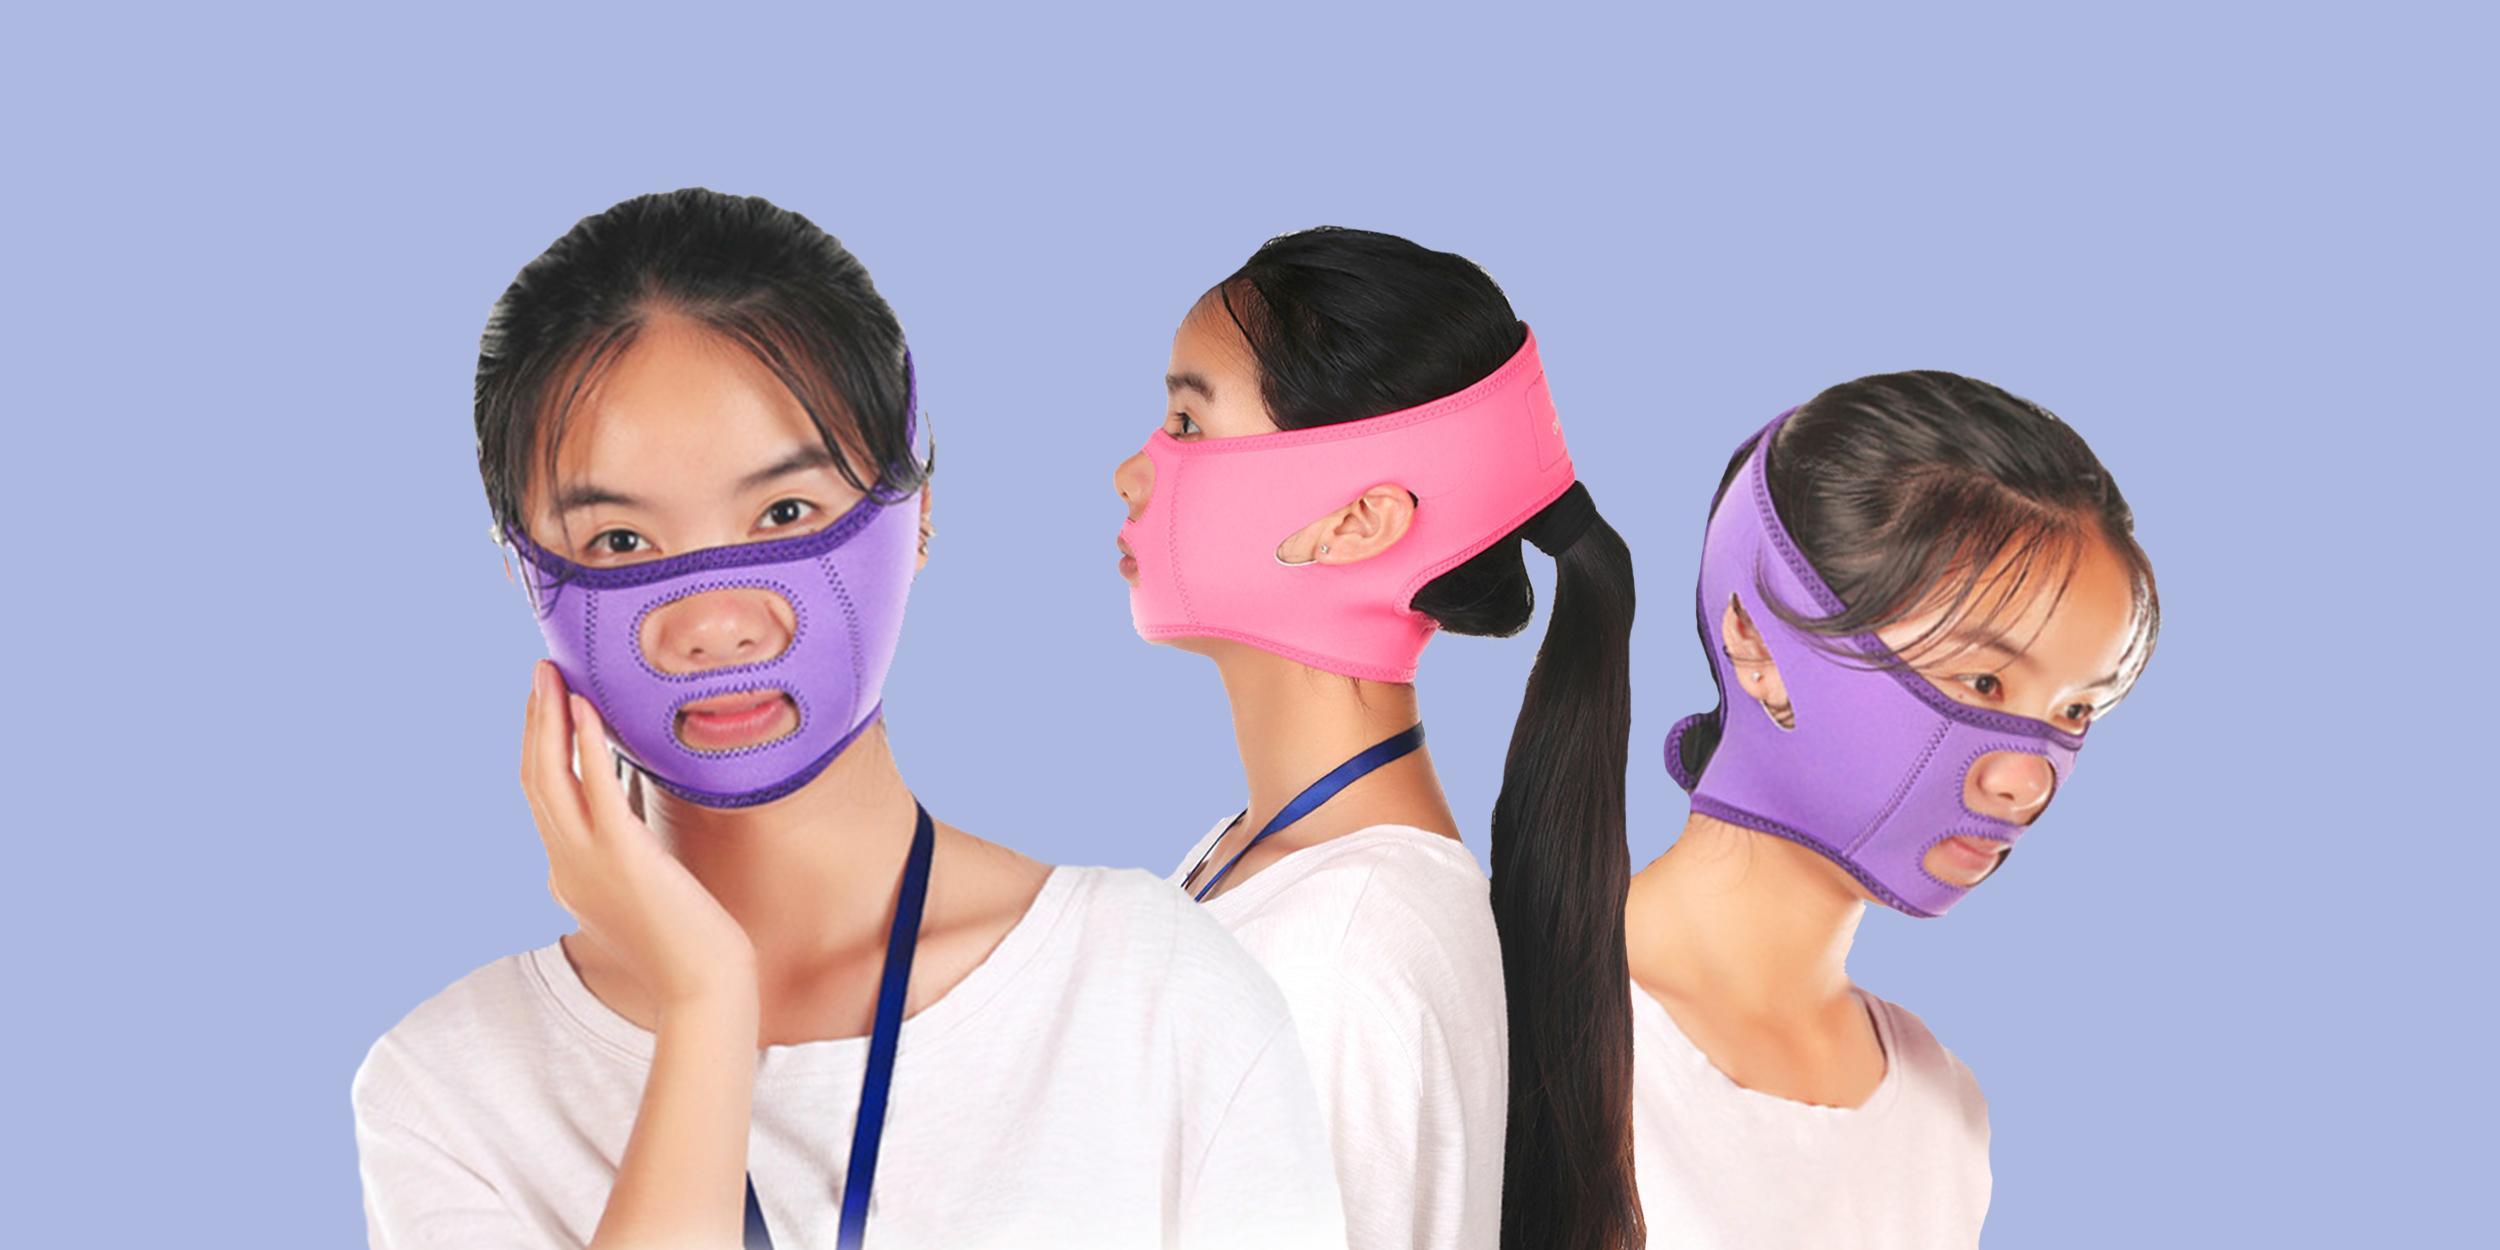 маска-намордник